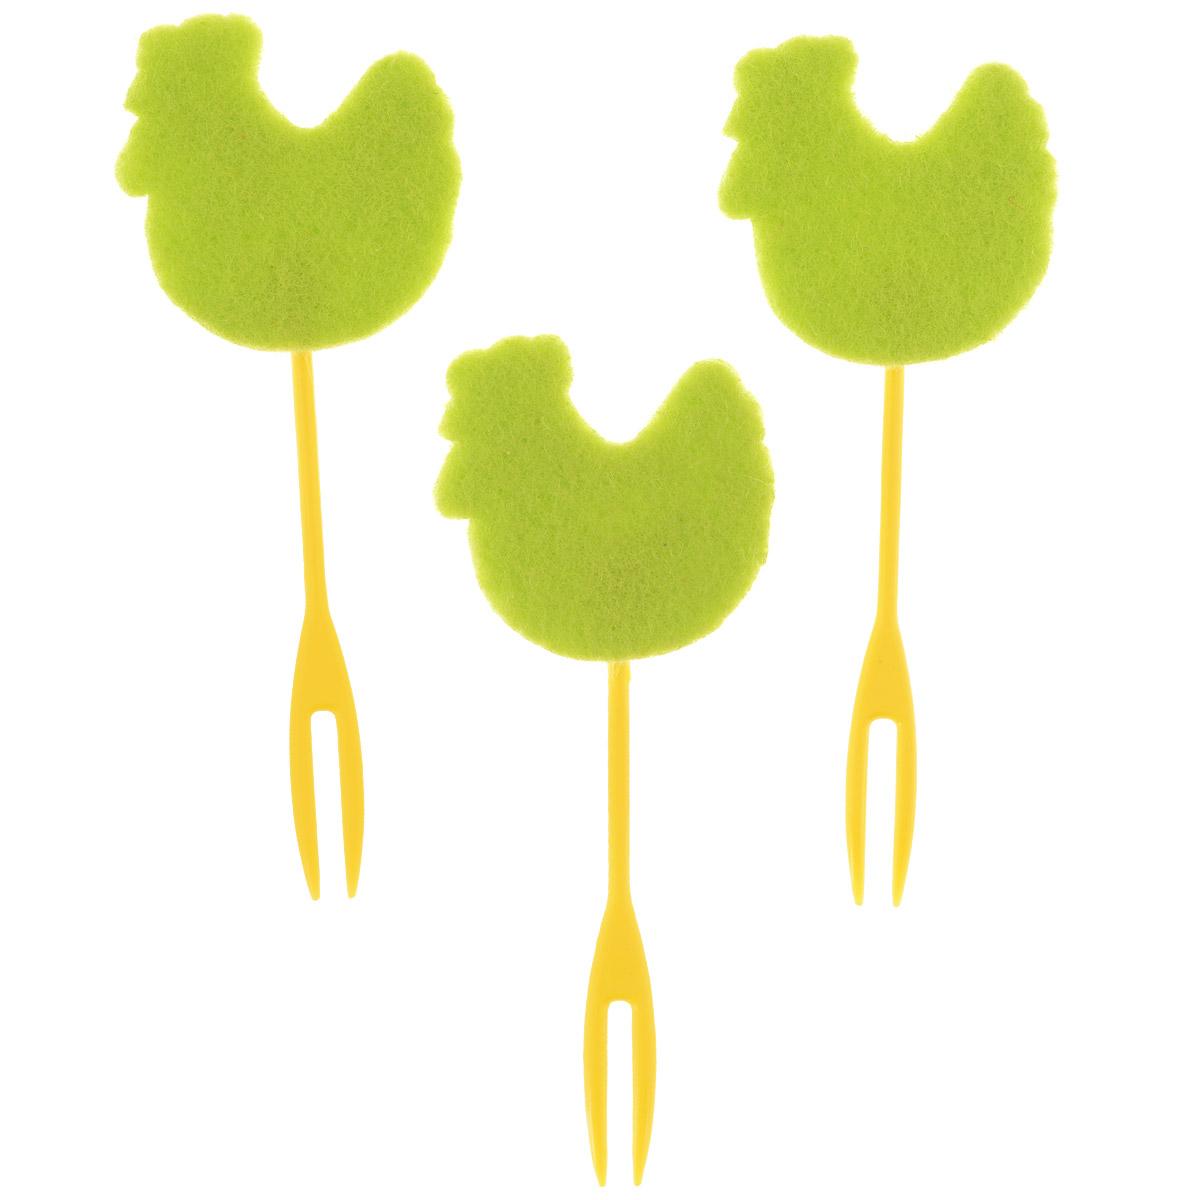 Набор декоративных вилочек Home Queen Курочка для украшения кулича, цвет: зеленый, длина 10 см, 3 шт набор декоративных вилочек home queen курочка для украшения кулича цвет желтый длина 10 см 3 шт